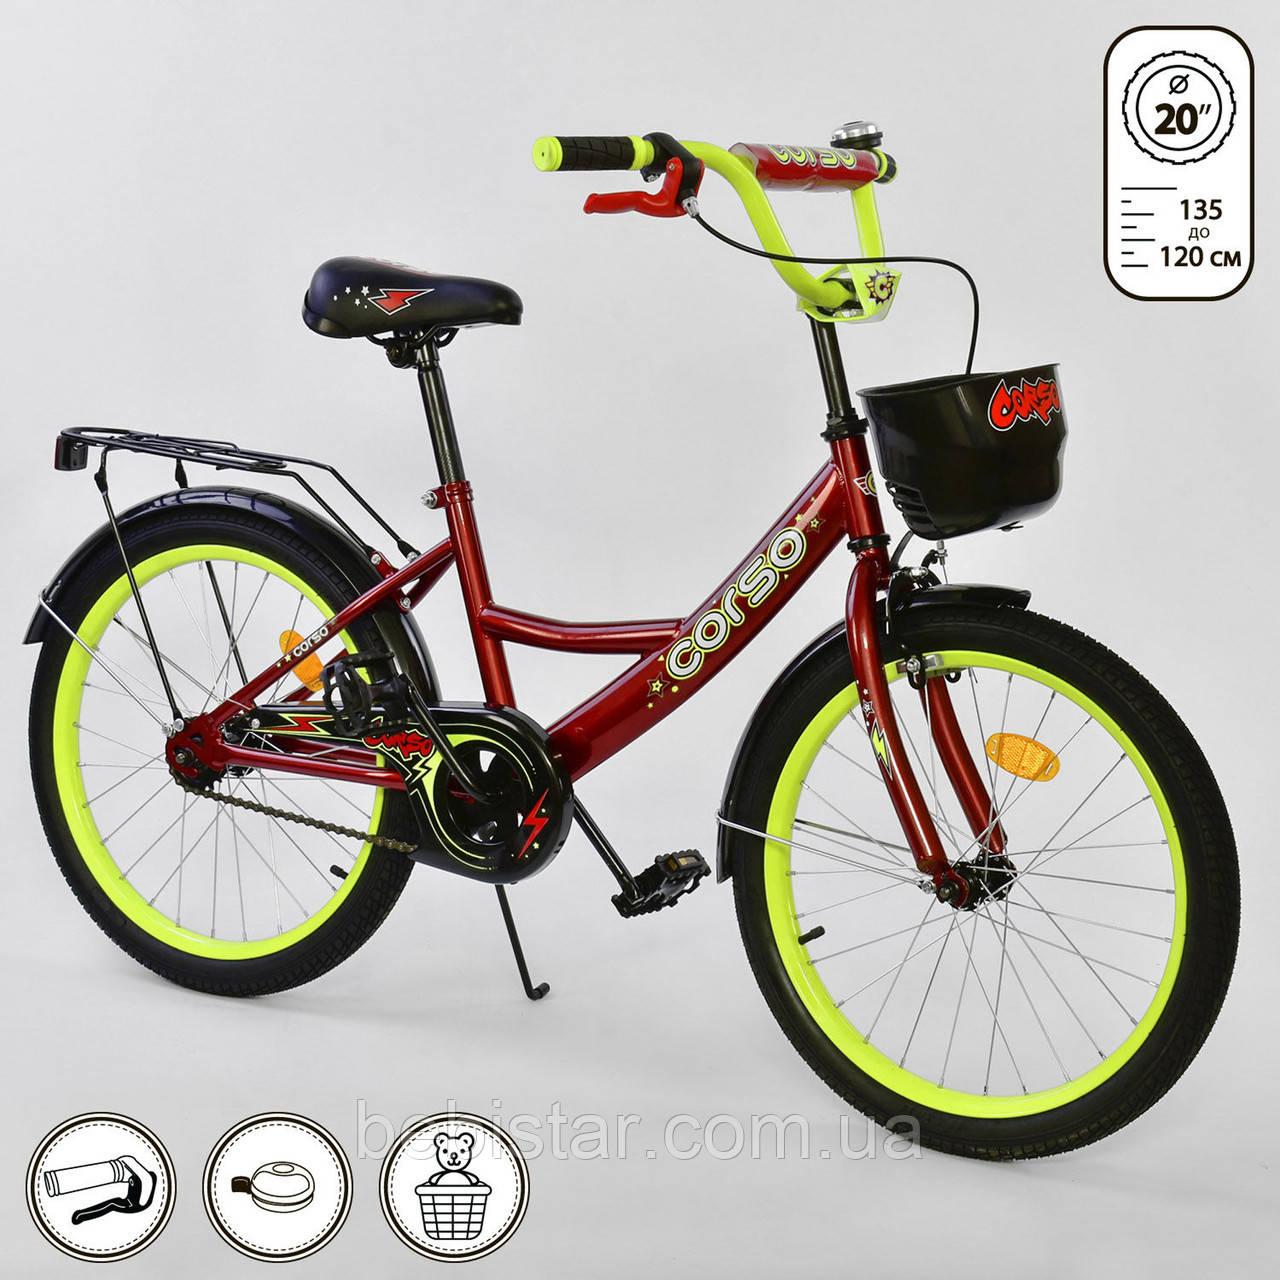 """Детский двухколесный велосипед бордовый, подножка, ручной тормоз Corso 20"""" детям 6-9 лет"""